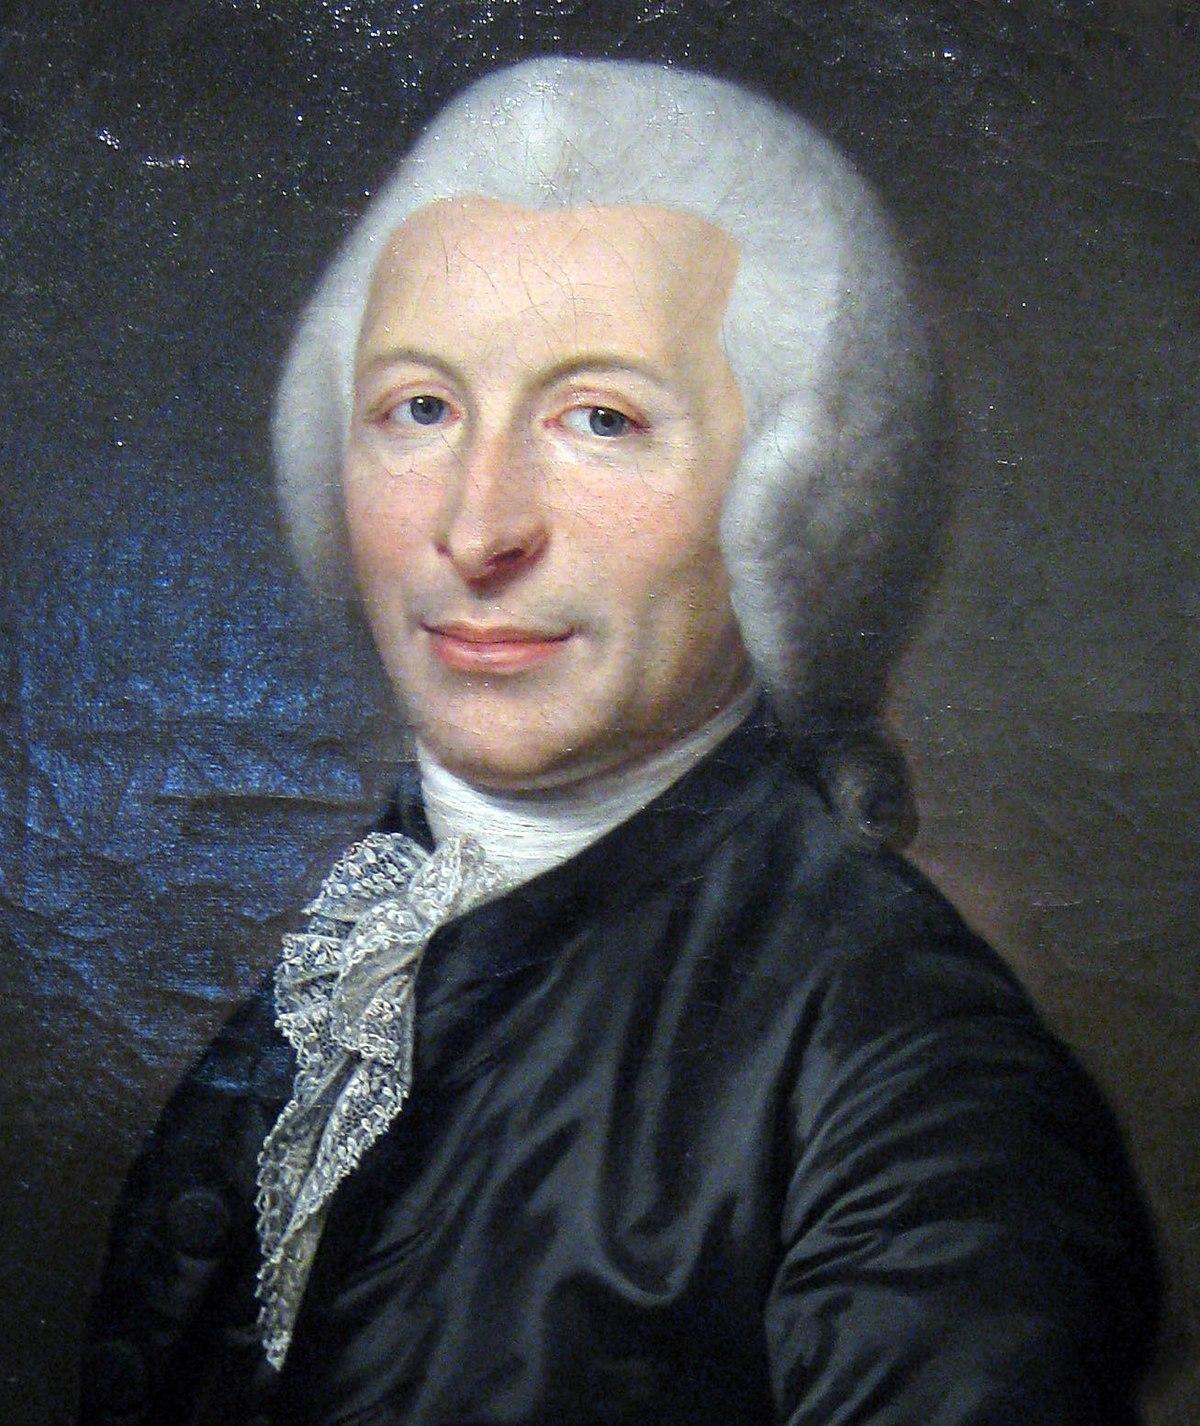 Resultado de imagem para nascimento de joseph ignace guillotin